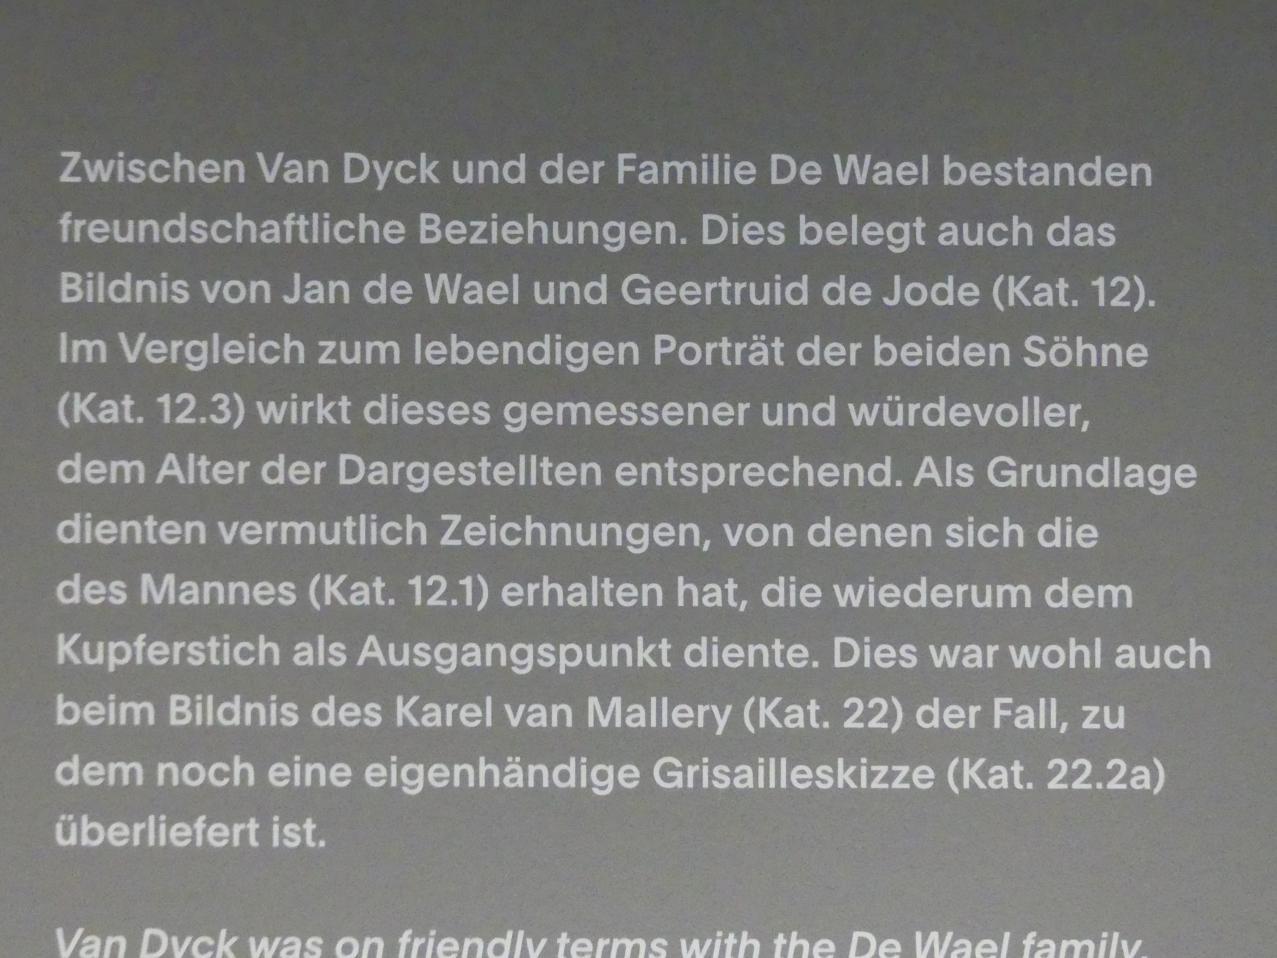 """München, Alte Pinakothek, Ausstellung """"Van Dyck"""" vom 25.10.2019-2.2.2020, Die """"Ikonographie"""" - 1, Bild 6/6"""